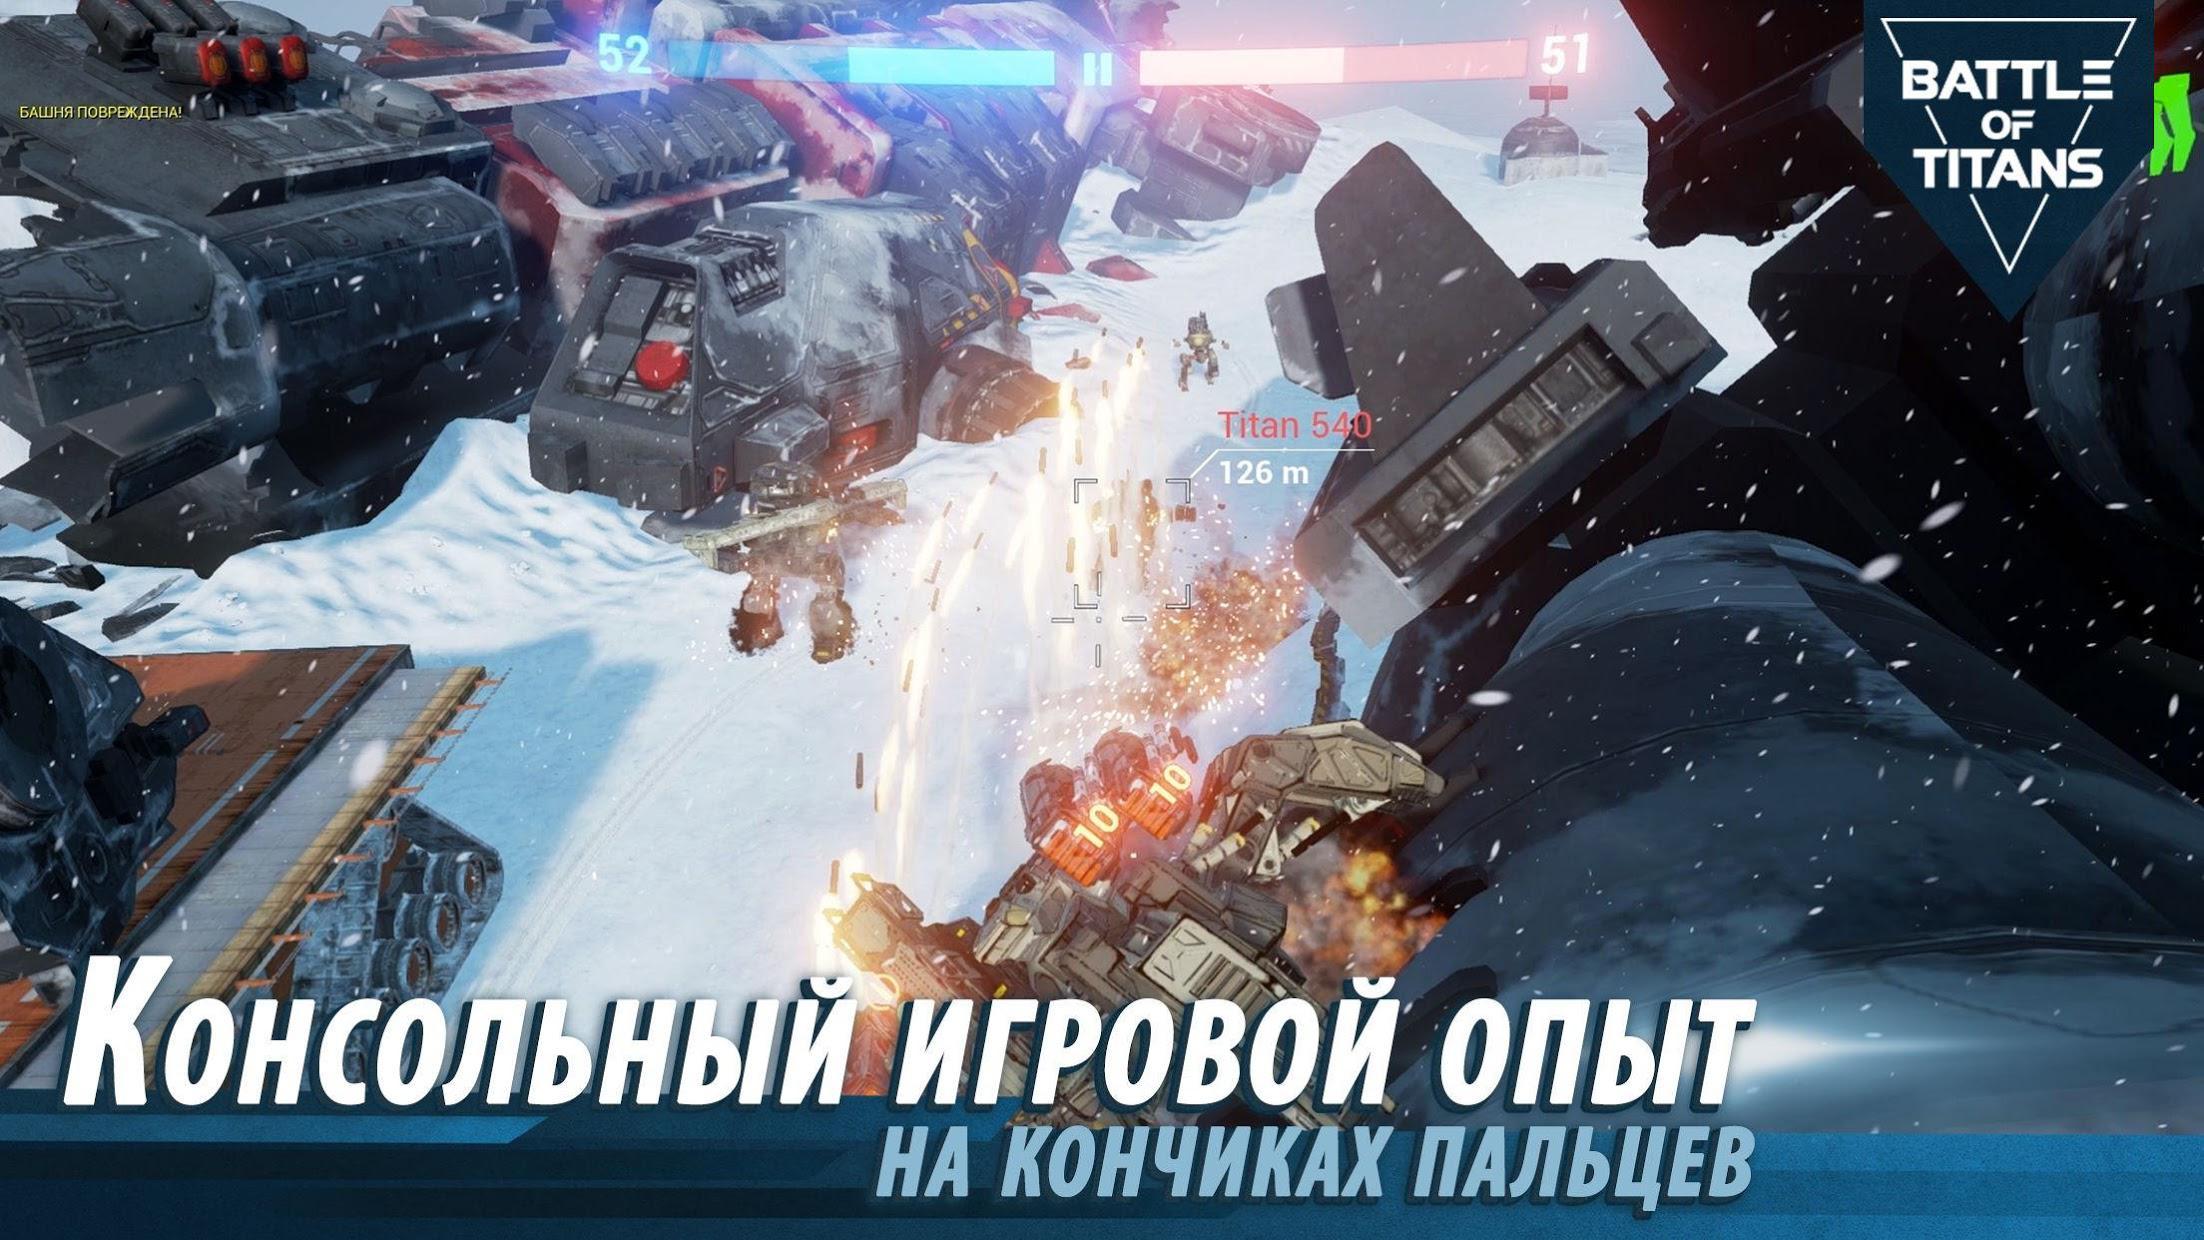 战斗泰坦(B.o.T) 游戏截图3